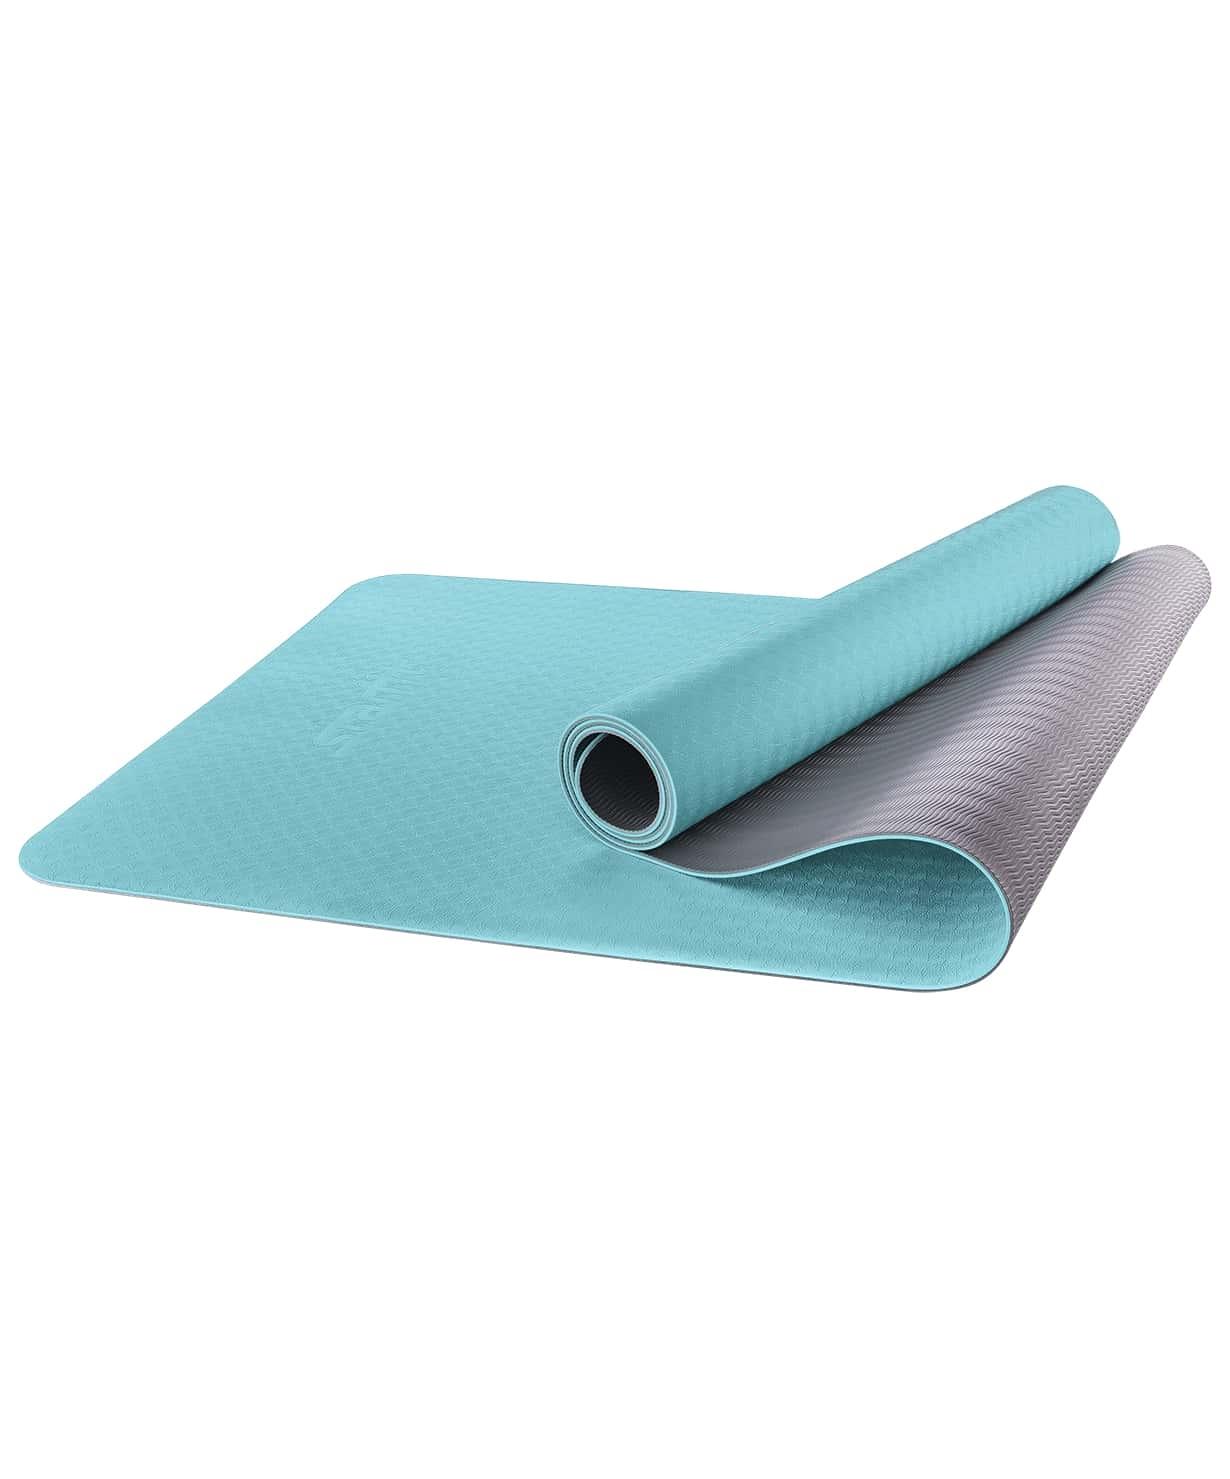 Коврик для йоги FM-201, TPE, 173x61x0,6 см, мятный/серый